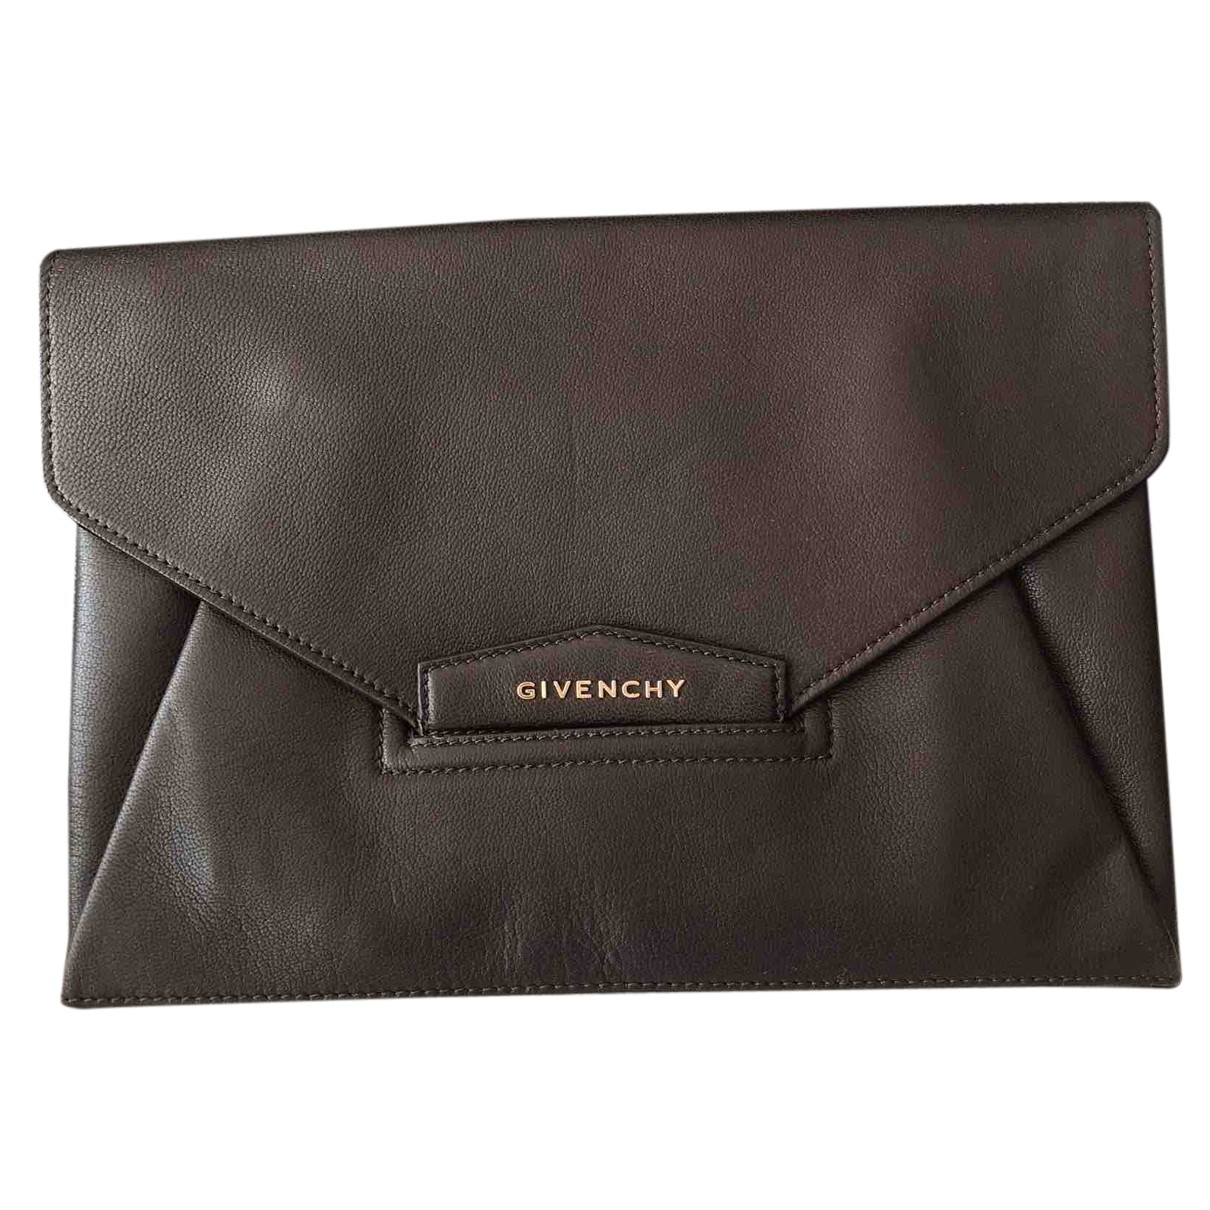 Givenchy - Pochette Antigona pour femme en cuir - marron